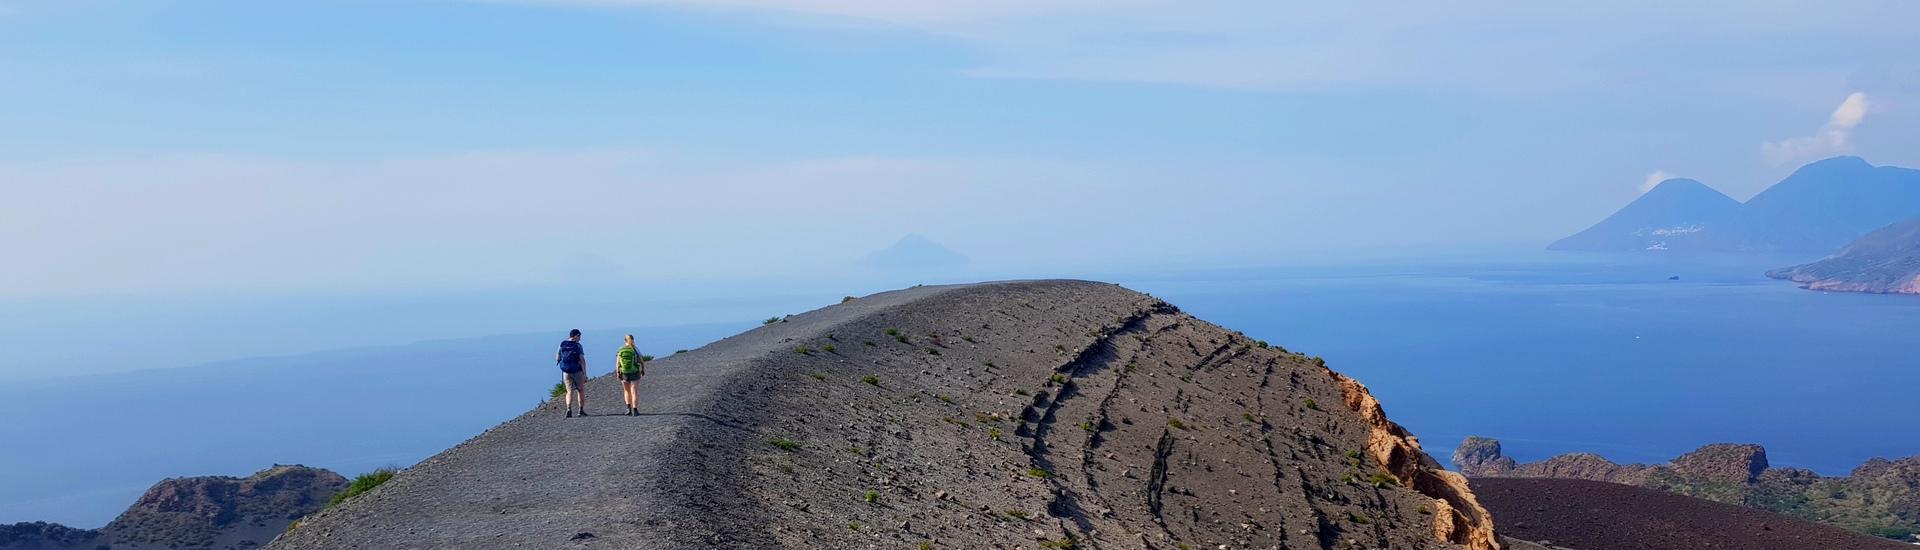 Etna i Wyspy Liparyjskie - kraina wulkanów